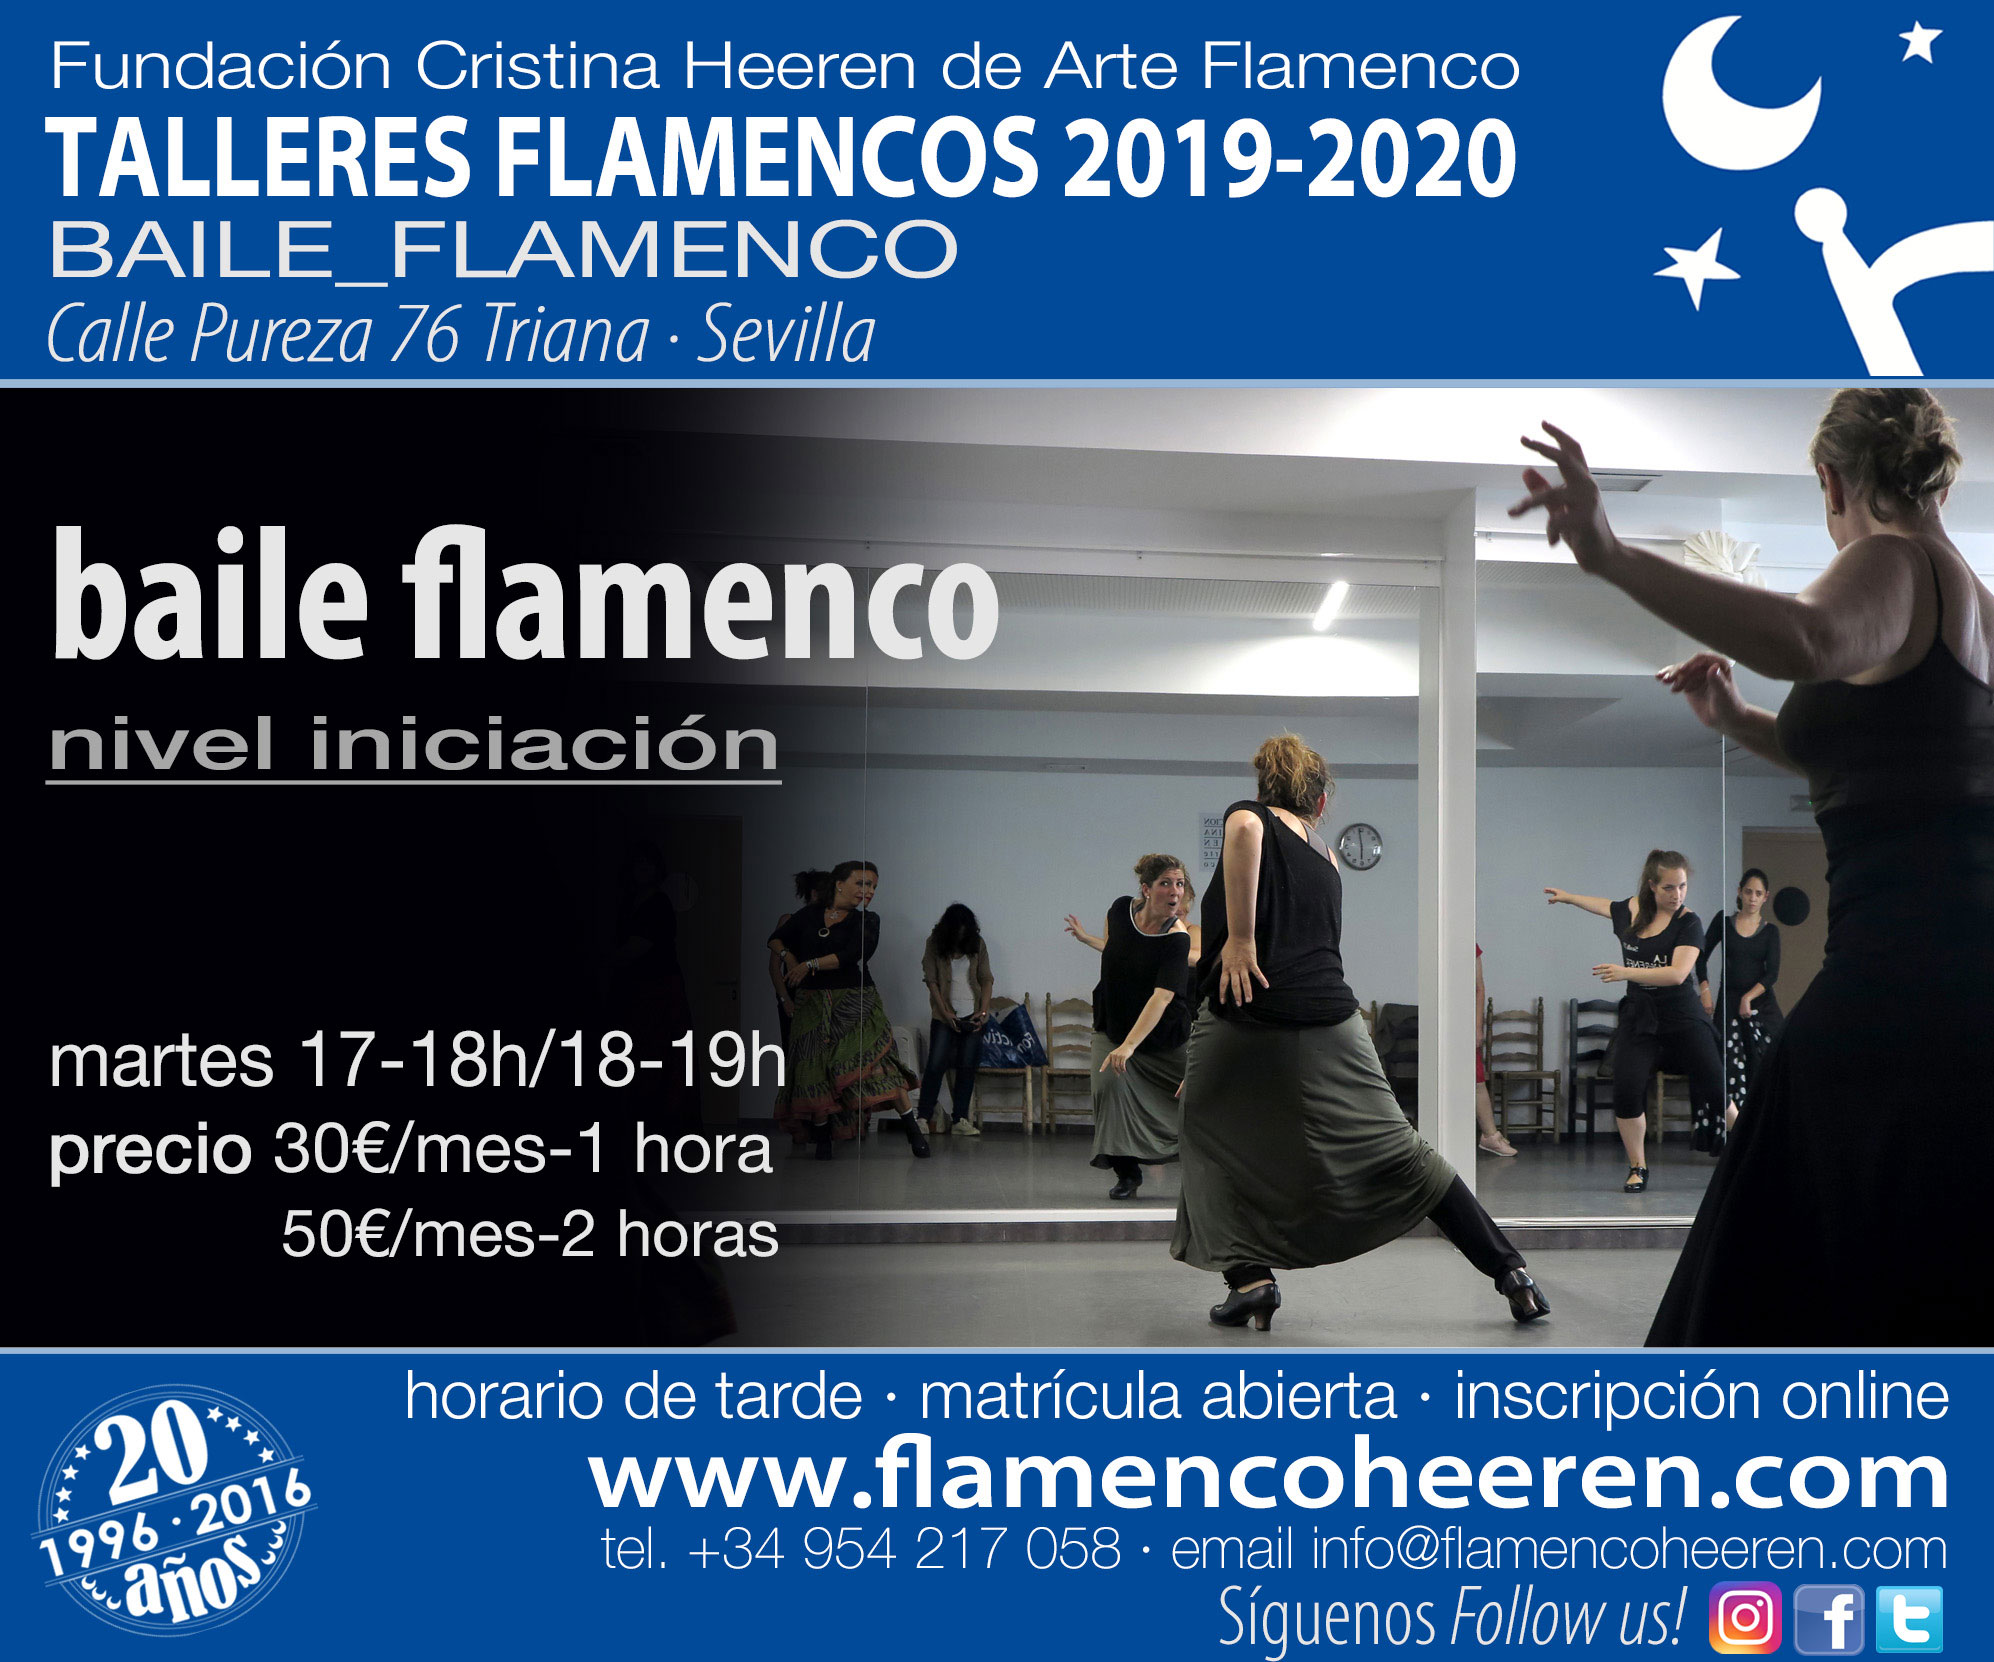 Baile Flamenco - Talleres flamencos Fundación Cristina Heeren